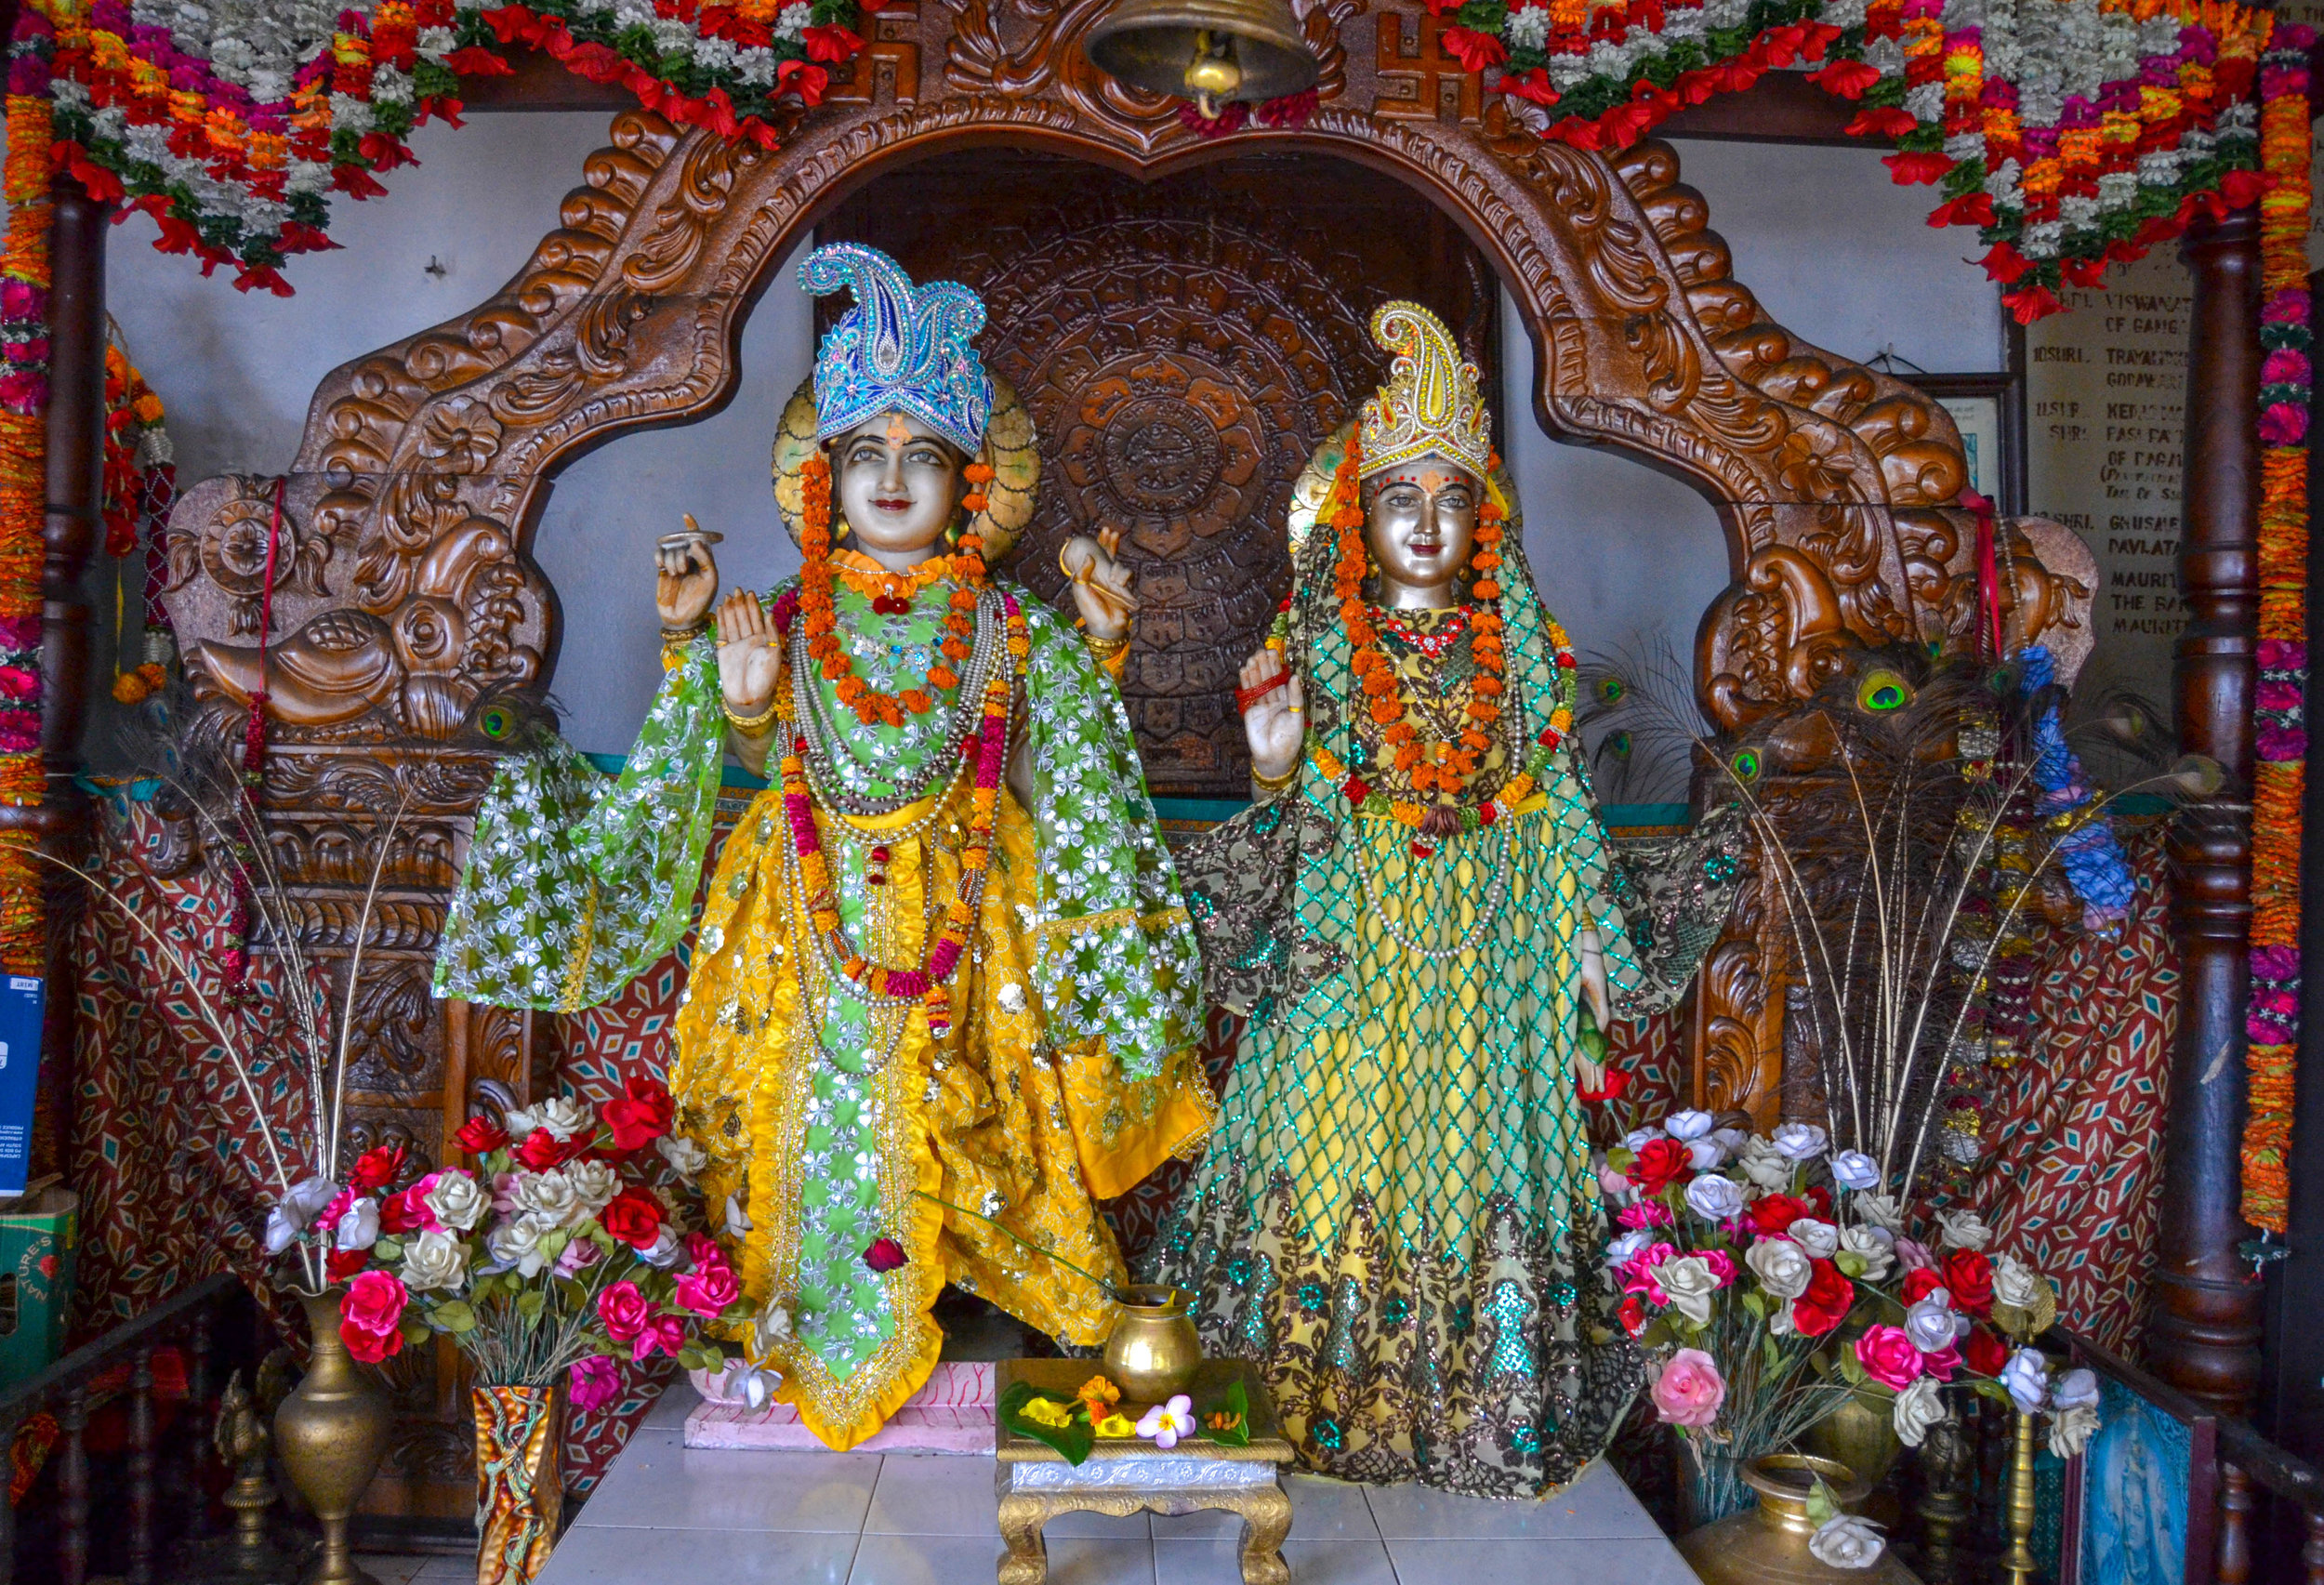 Hindu deities at Ganga Talao